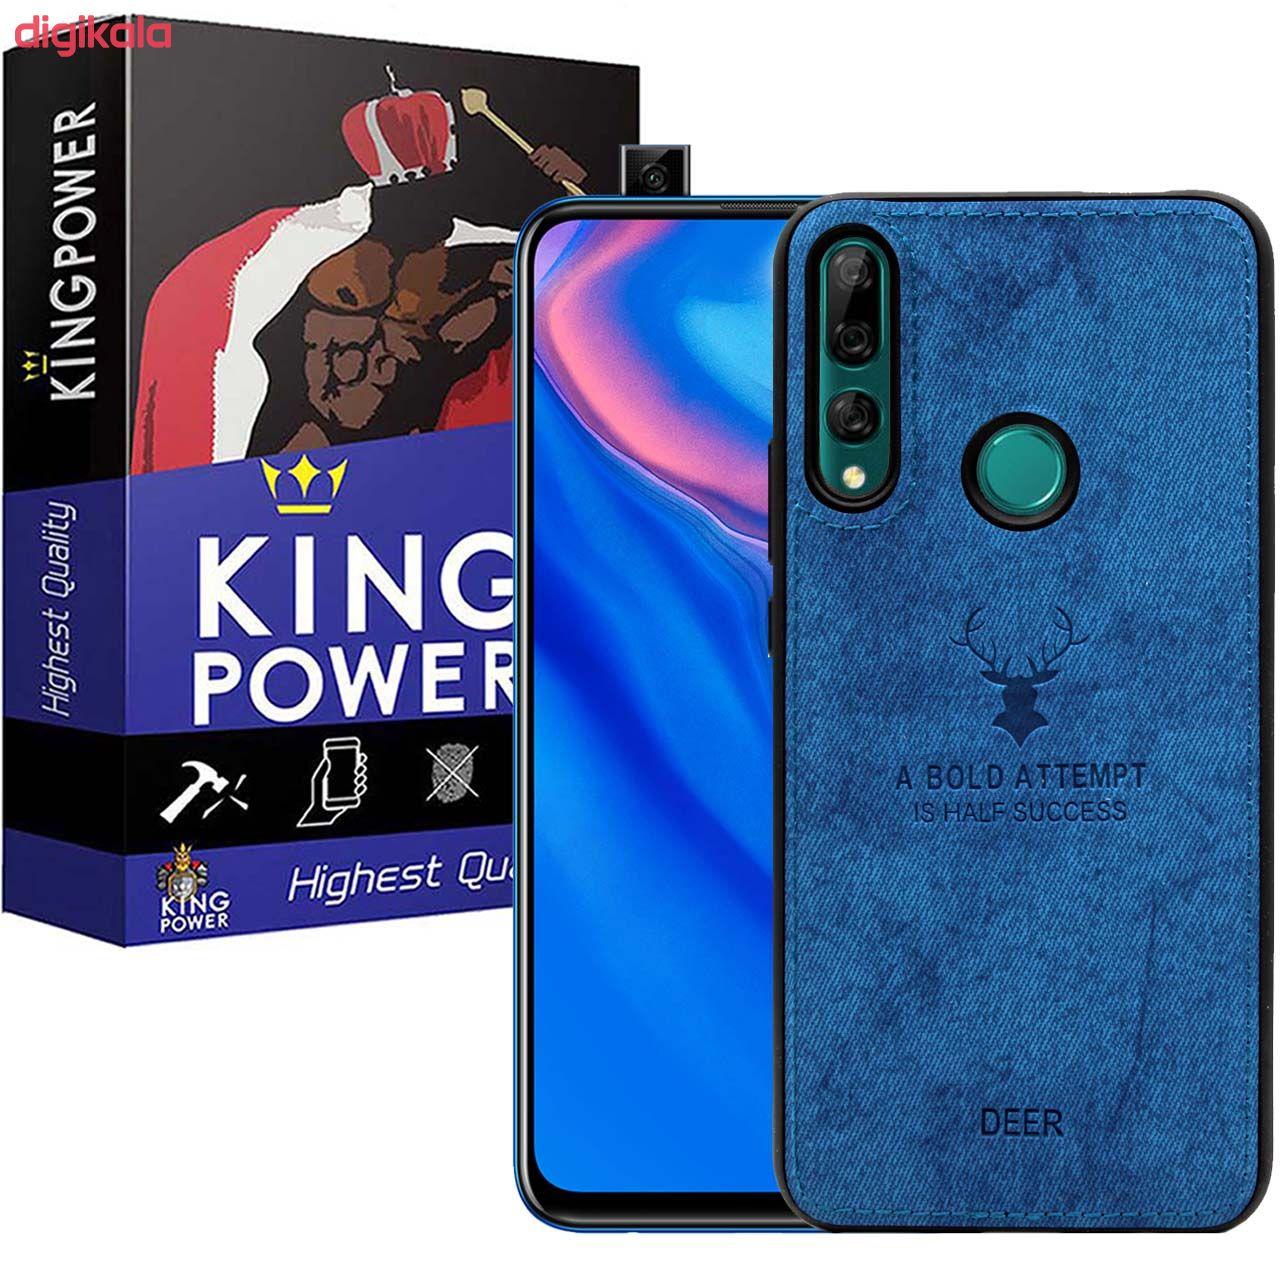 کاور کینگ پاور مدل D121 مناسب برای گوشی موبایل هوآوی Y9 Prime 2019 / آنر 9X